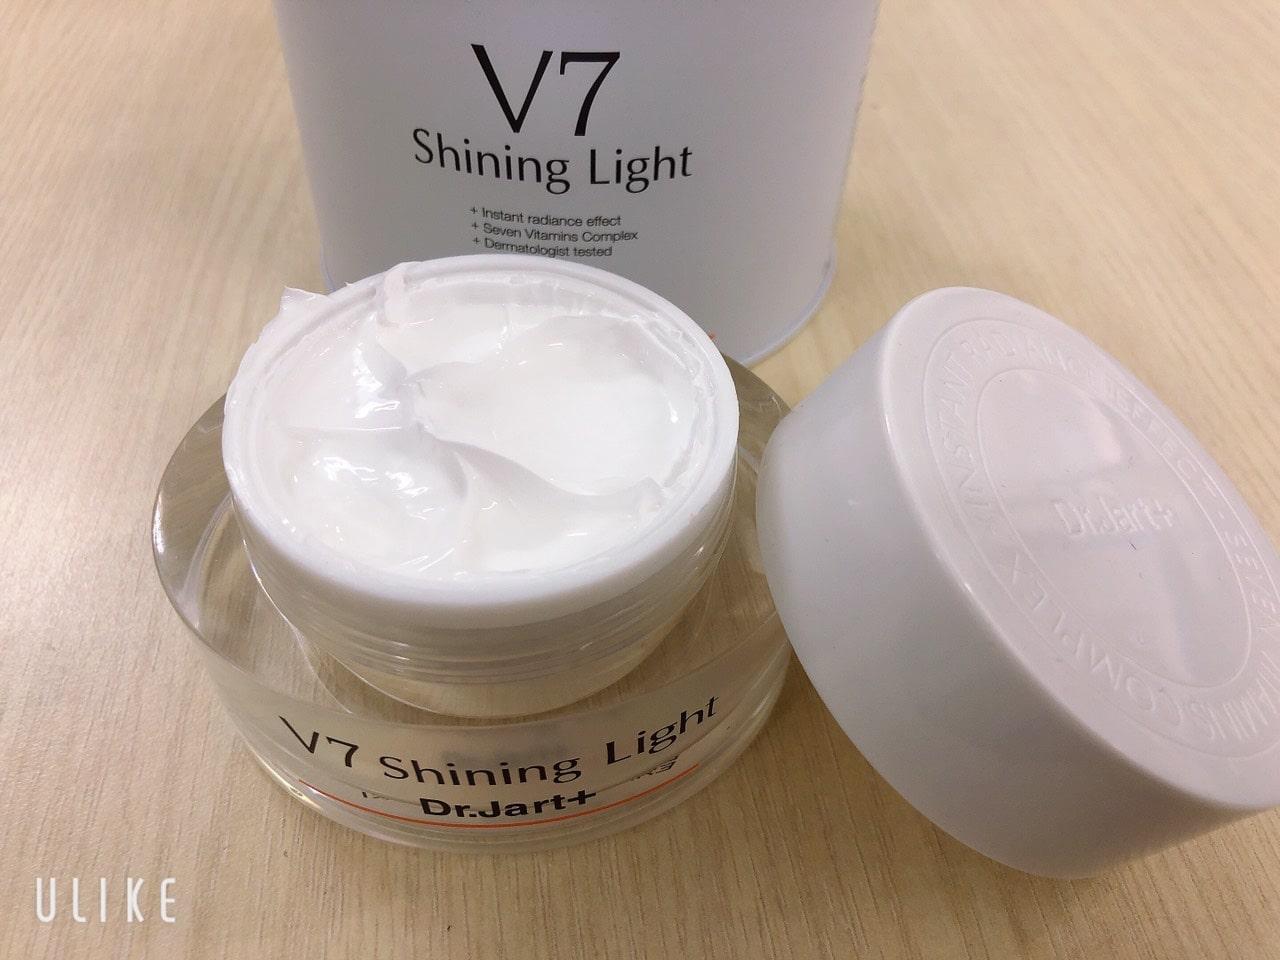 Kem V7 Shining Light